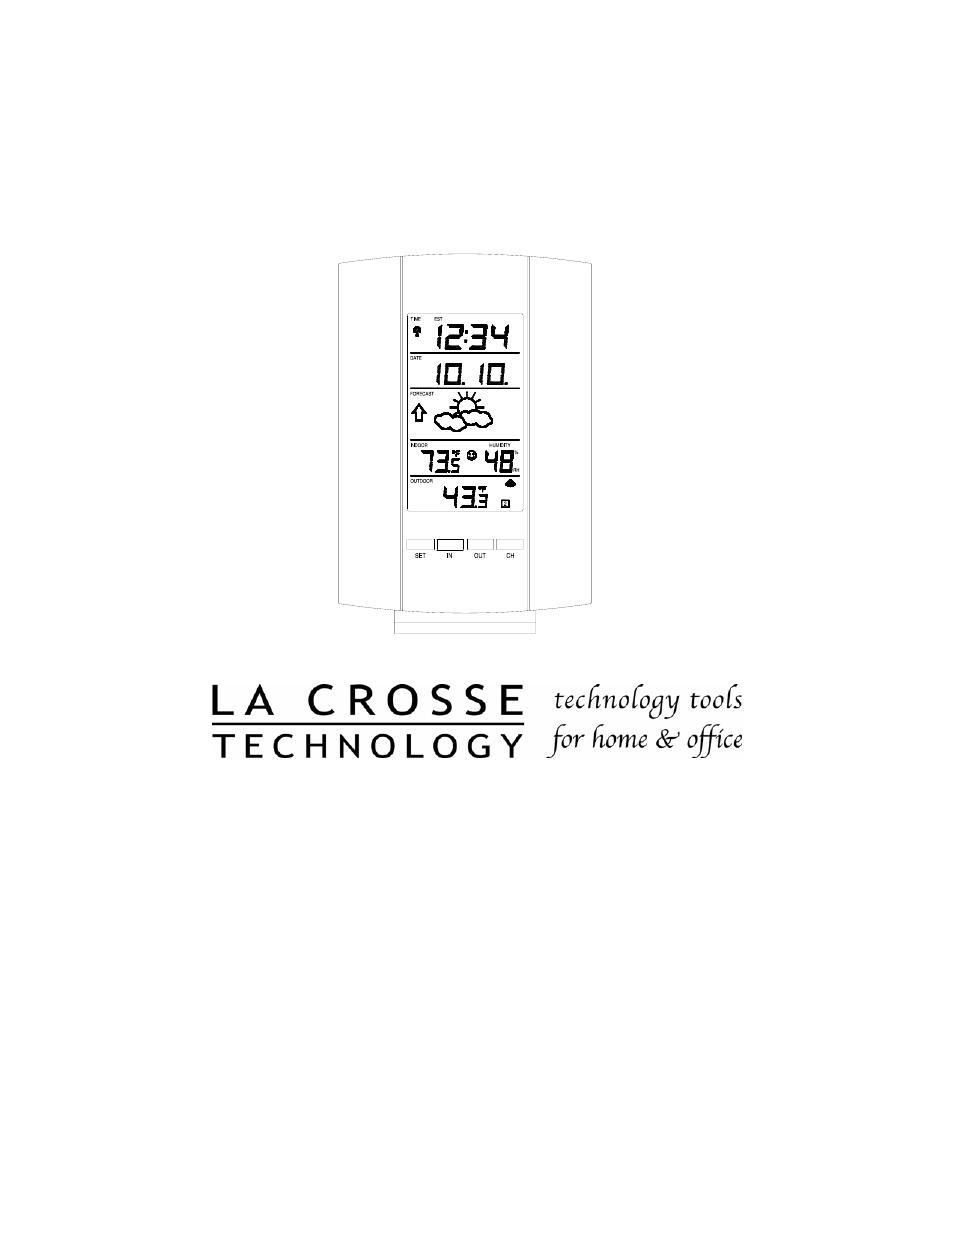 La Crosse Technology WS-7159U User Manual | 22 pages | Also for:  WS-7014U-IT, WS-9228U-IT, WS-9153U-IT